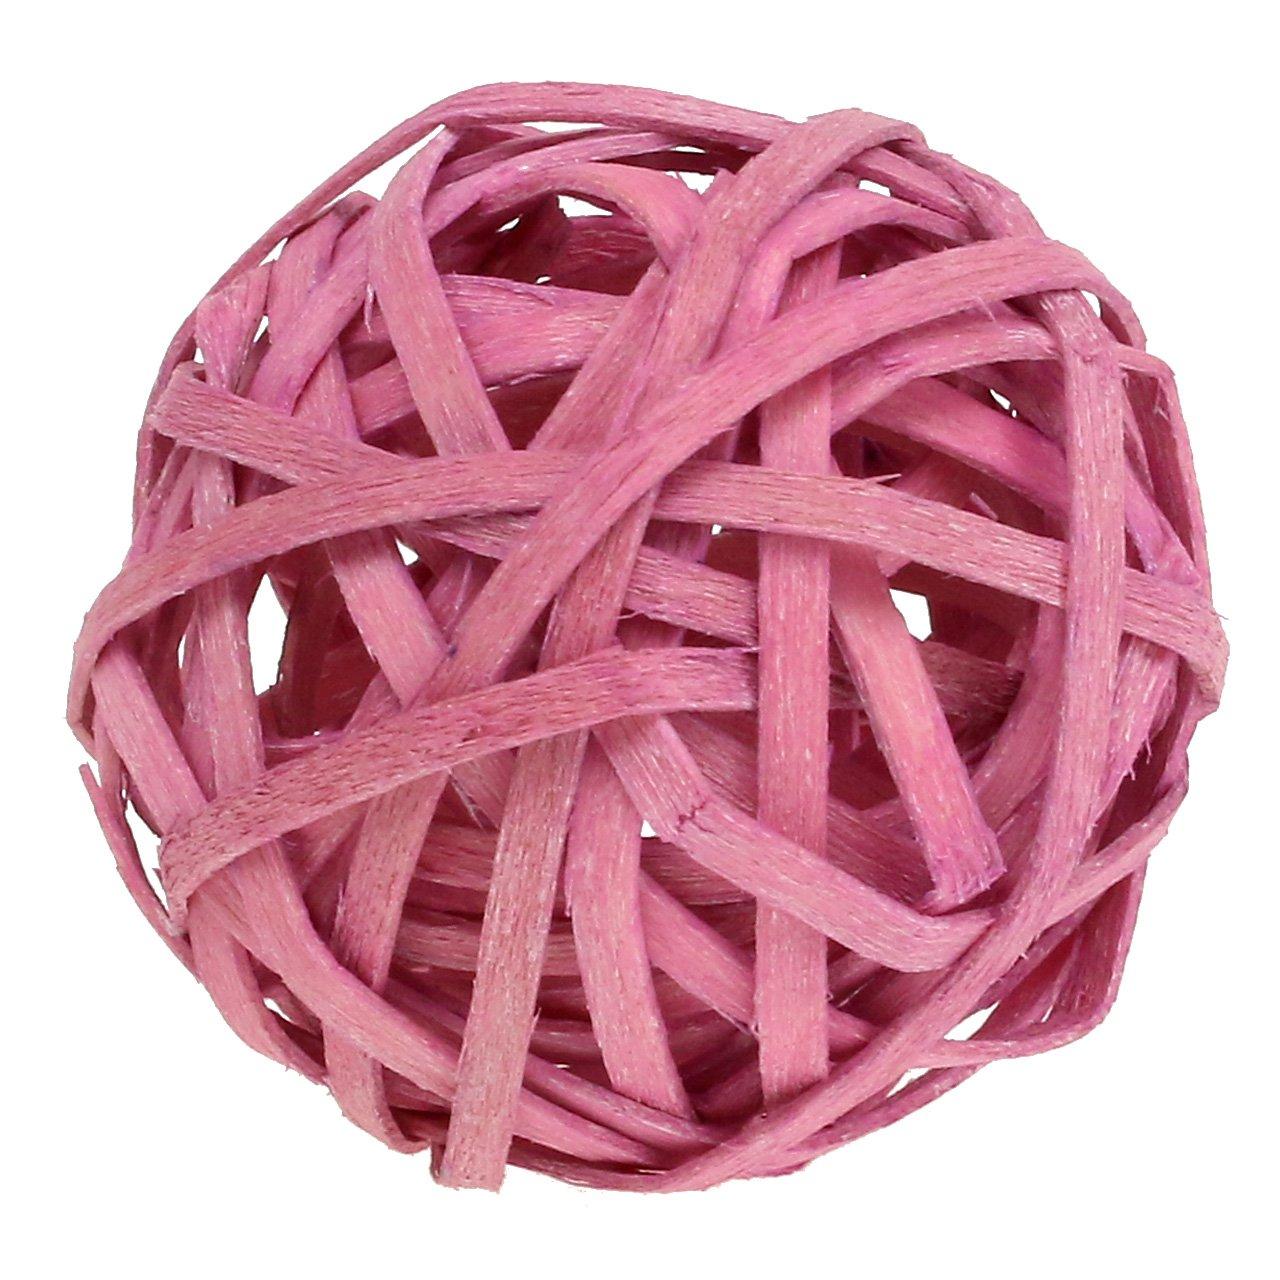 Rattan ball pink Ø4cm 12pcs